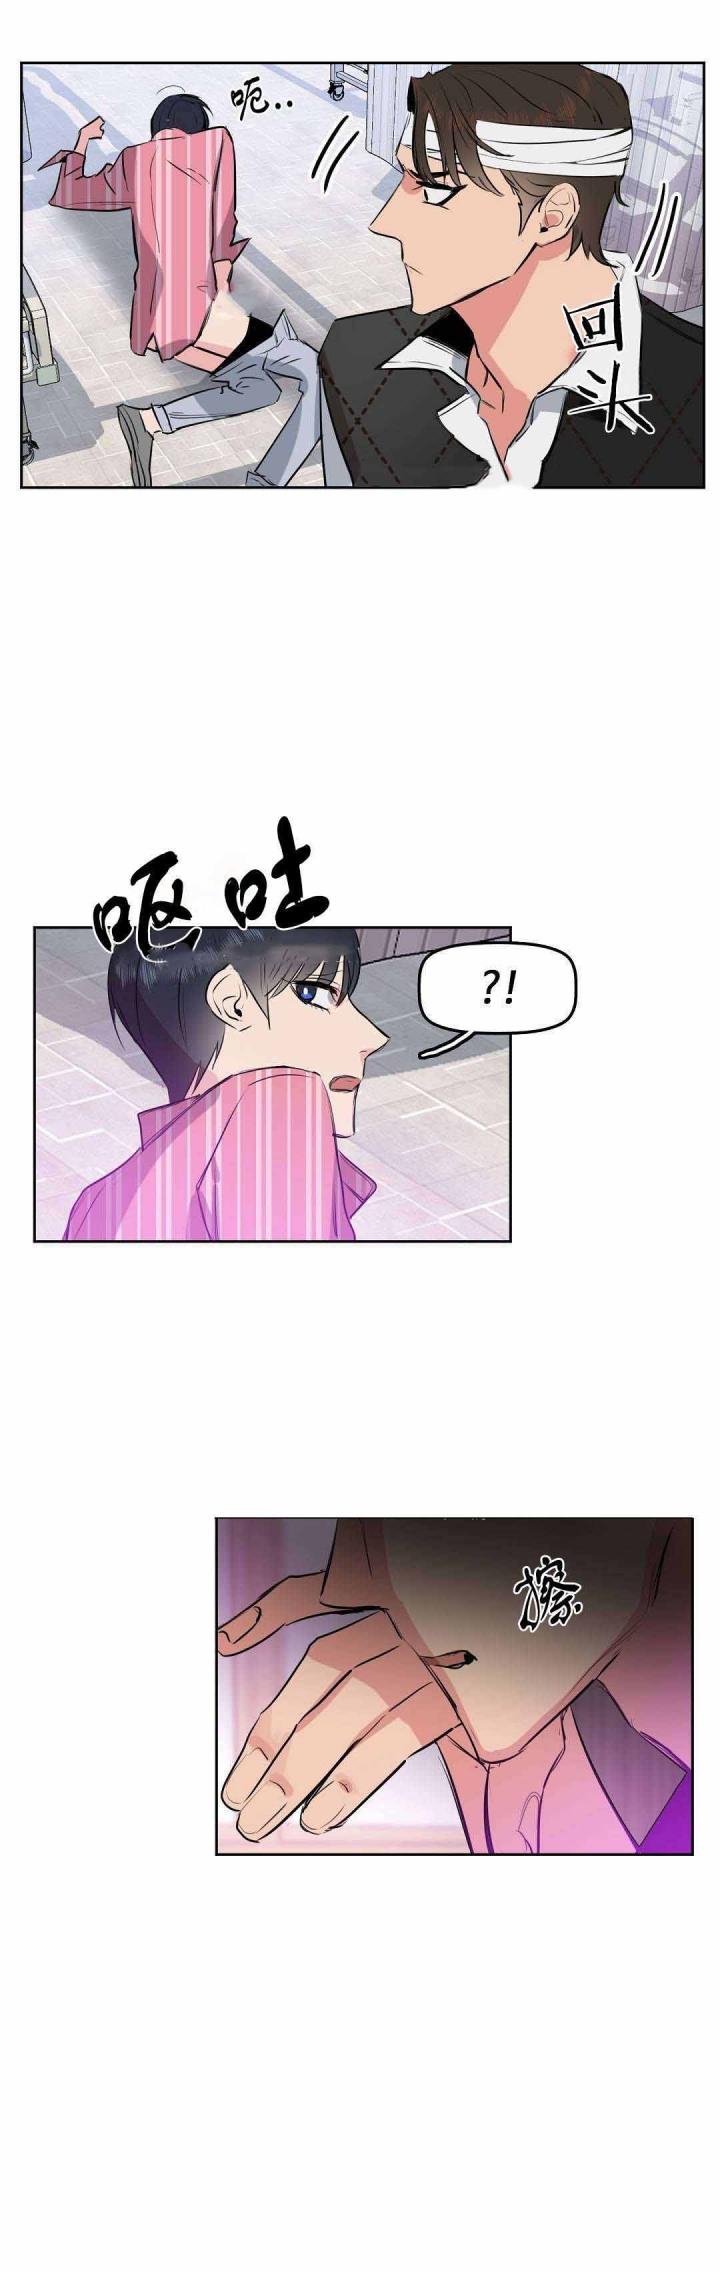 《吻我骗子》第四话 耽美漫画网嗨漫耽美资源最新更新